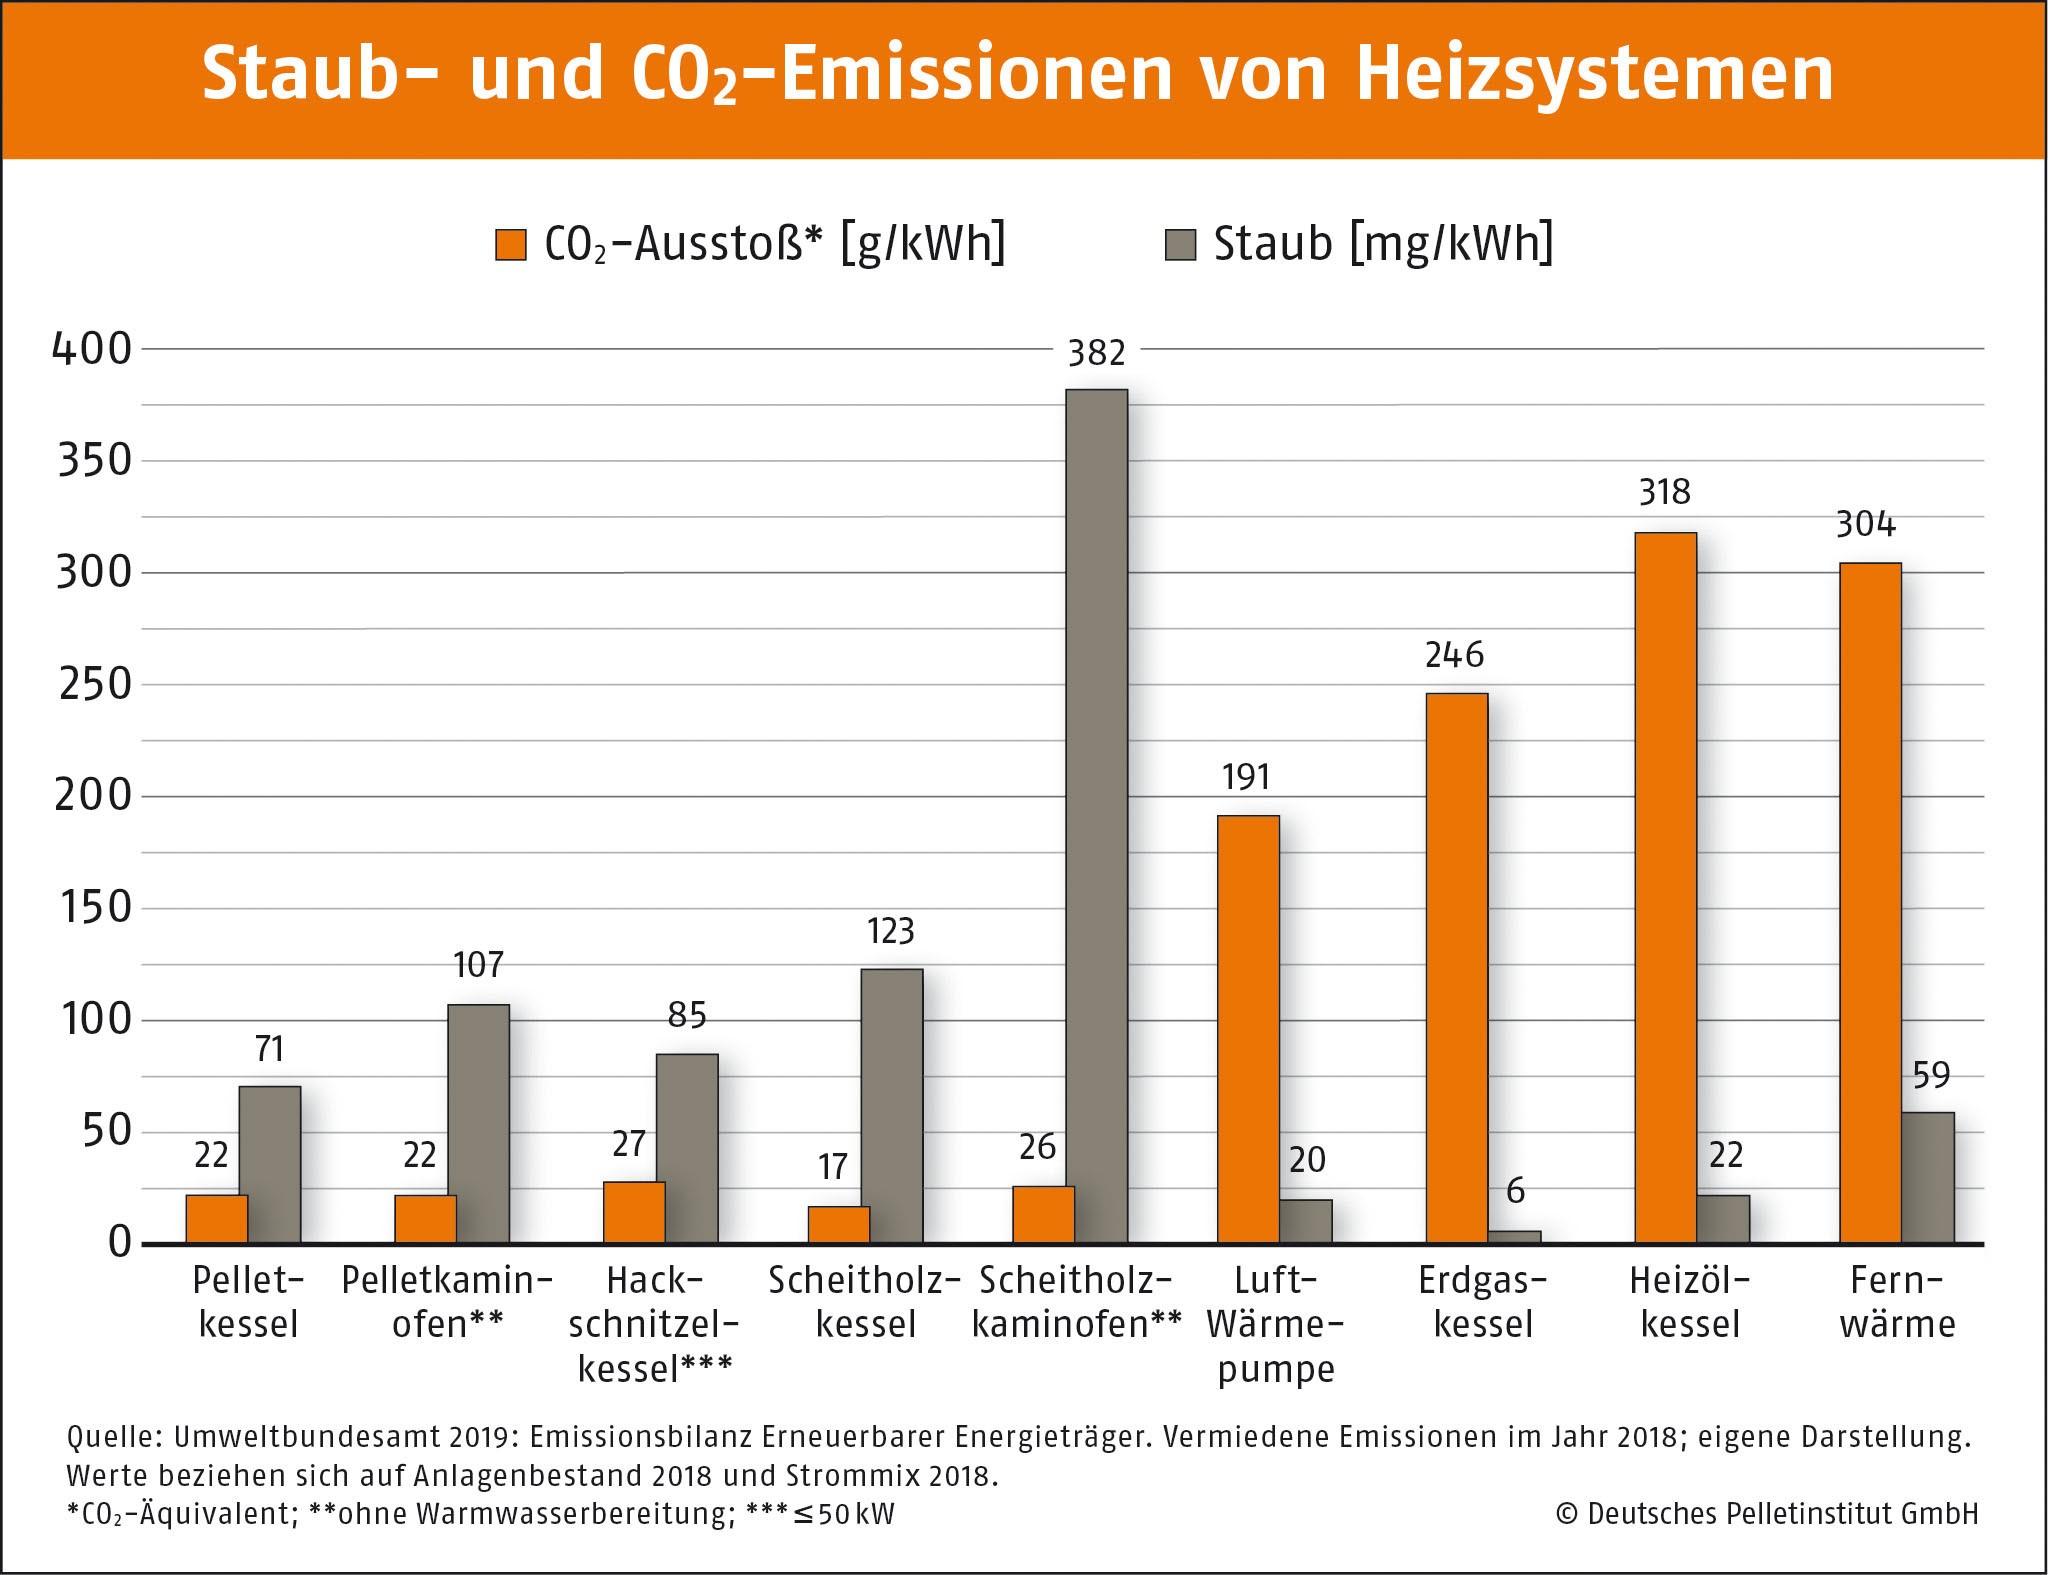 Staub und CO2 Emissionen von Heizsystemen